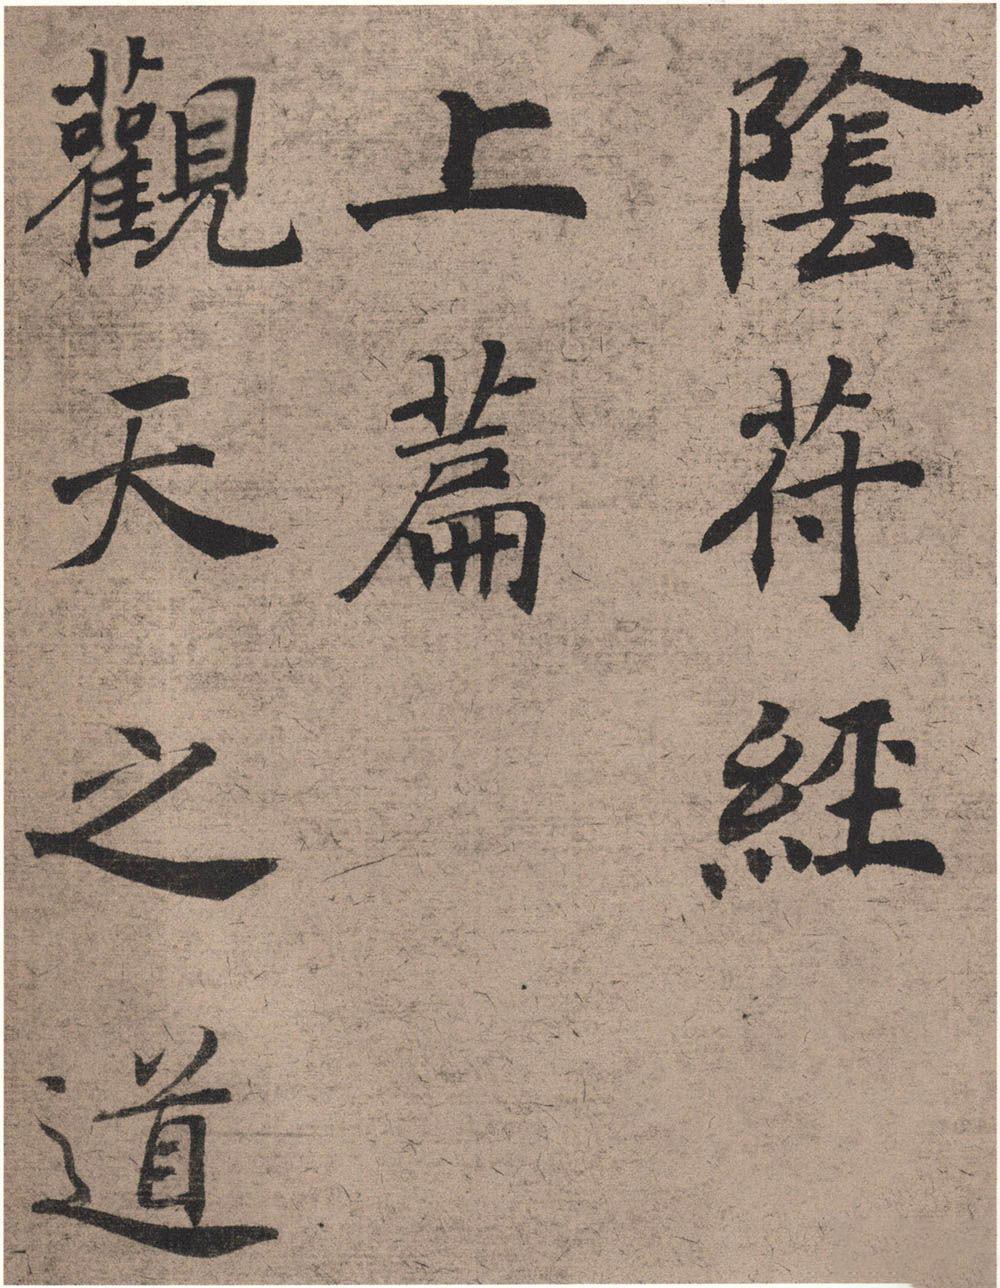 阴符经全文及译文